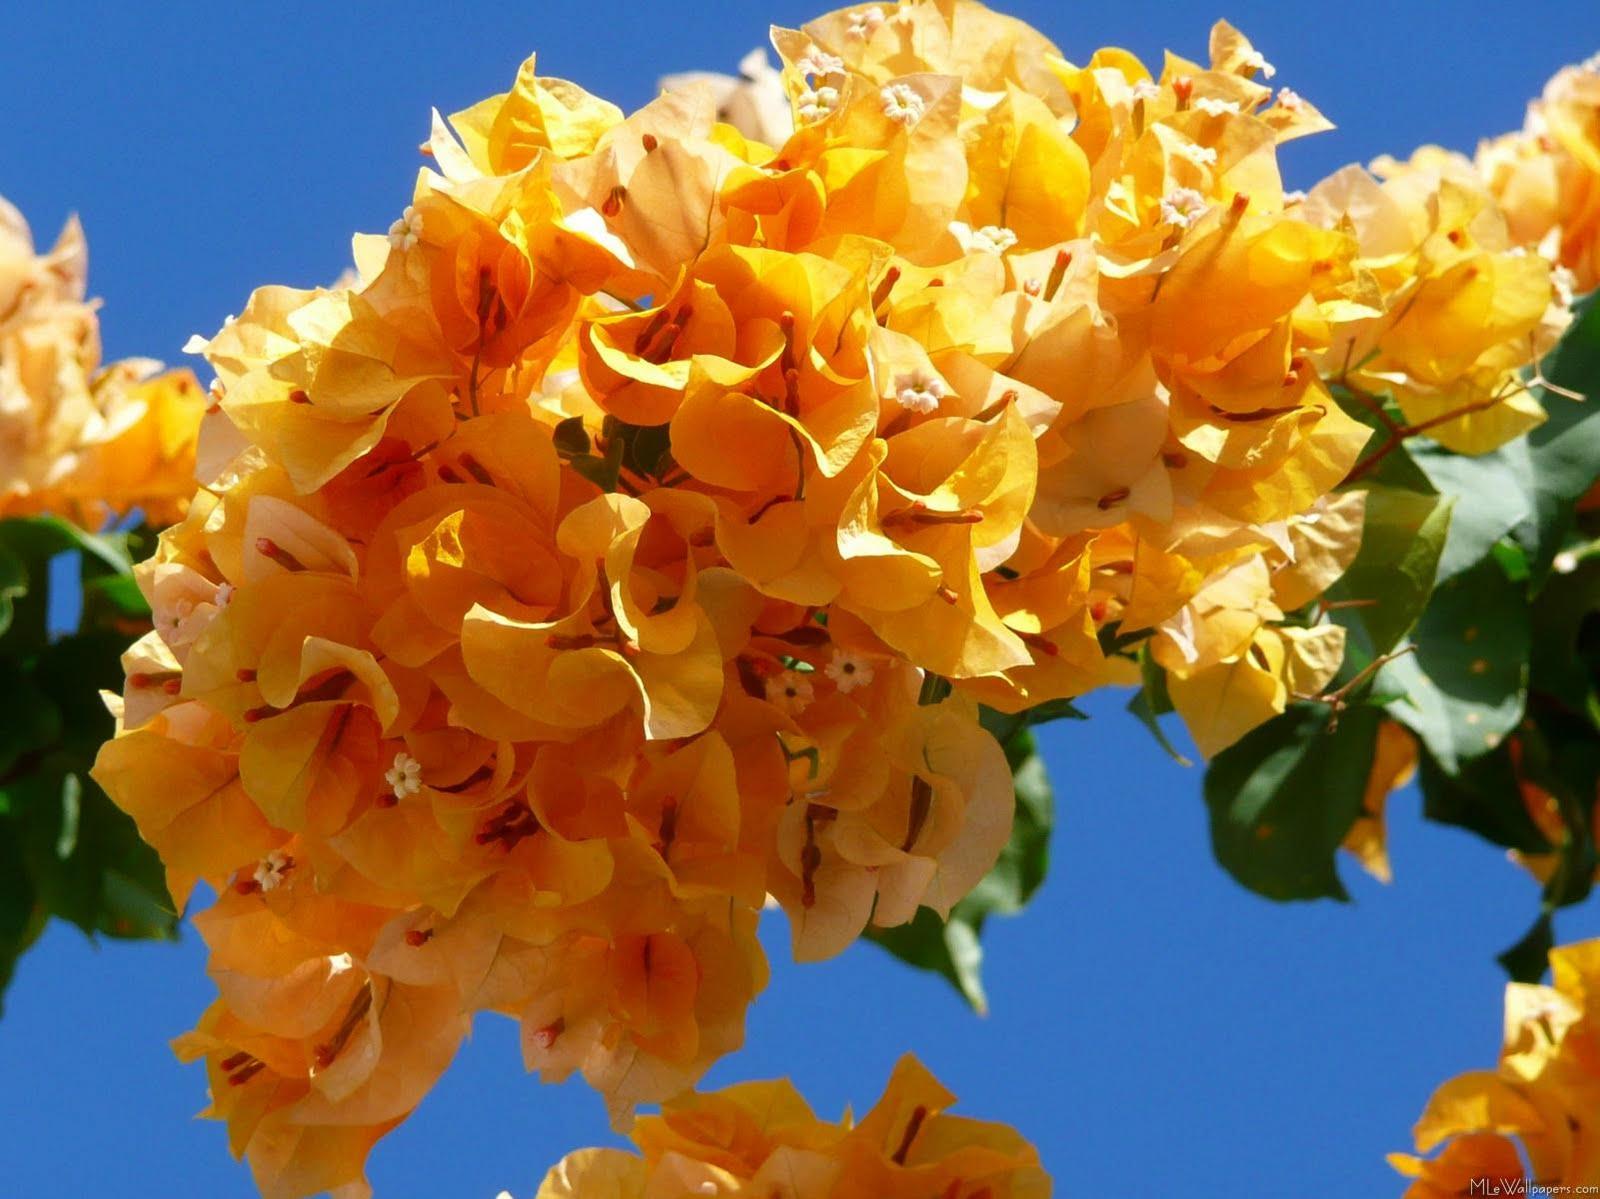 http://1.bp.blogspot.com/-okw2oNzVaLU/TfY2jAm6_WI/AAAAAAAAAC4/8EabGeAW6ug/s1600/Bougainvilleas+Flowers+Wallpaper5.jpg